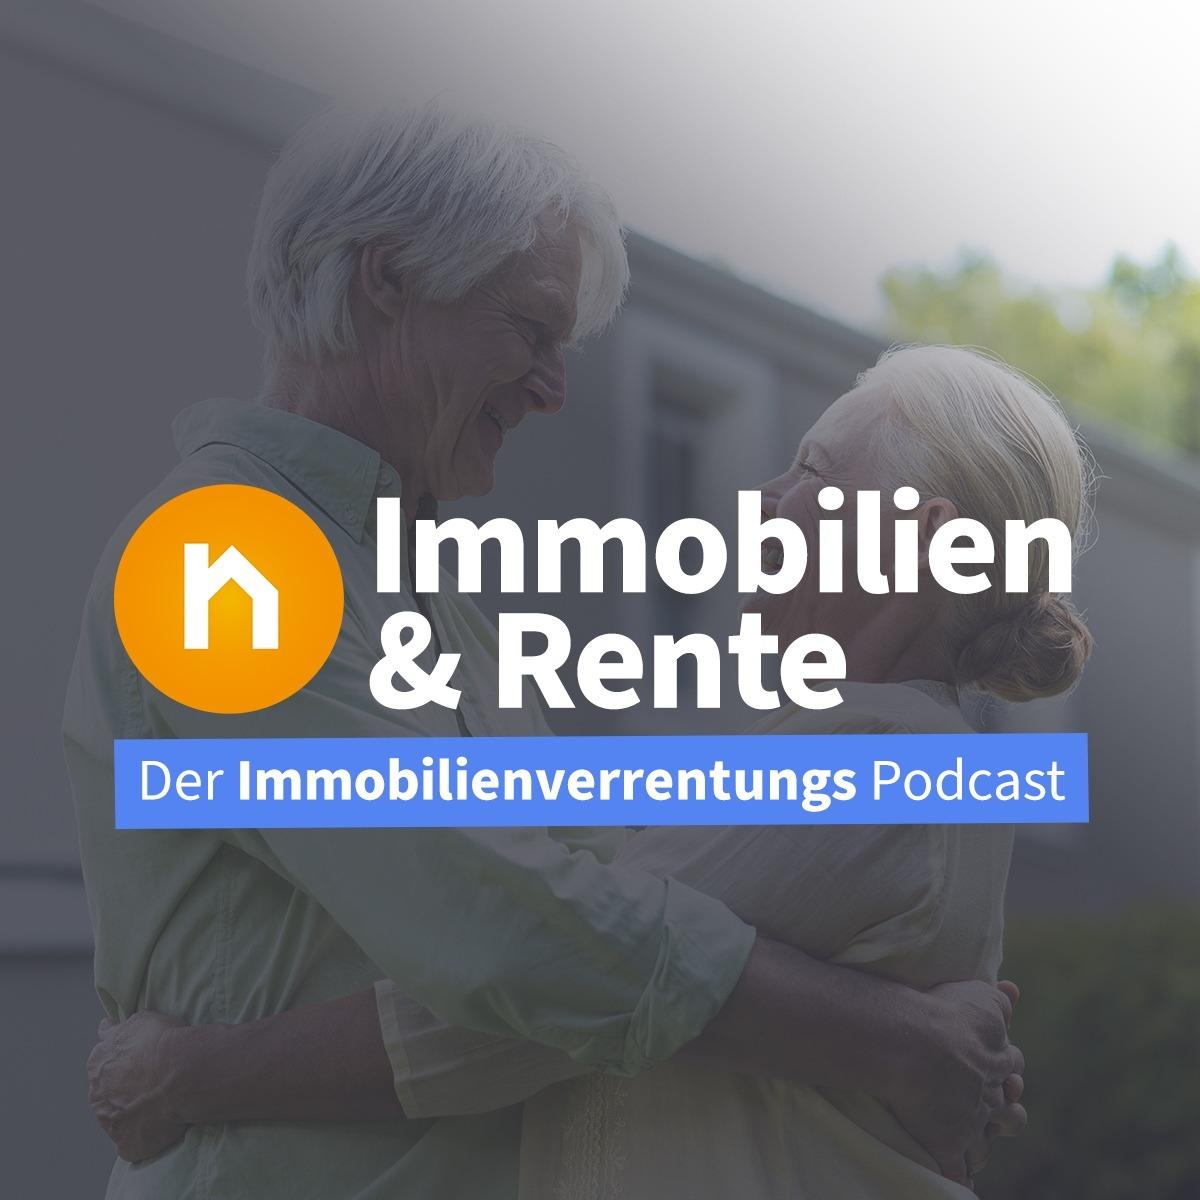 DEGIV Radio - der Immobilienverrentungs Podcast